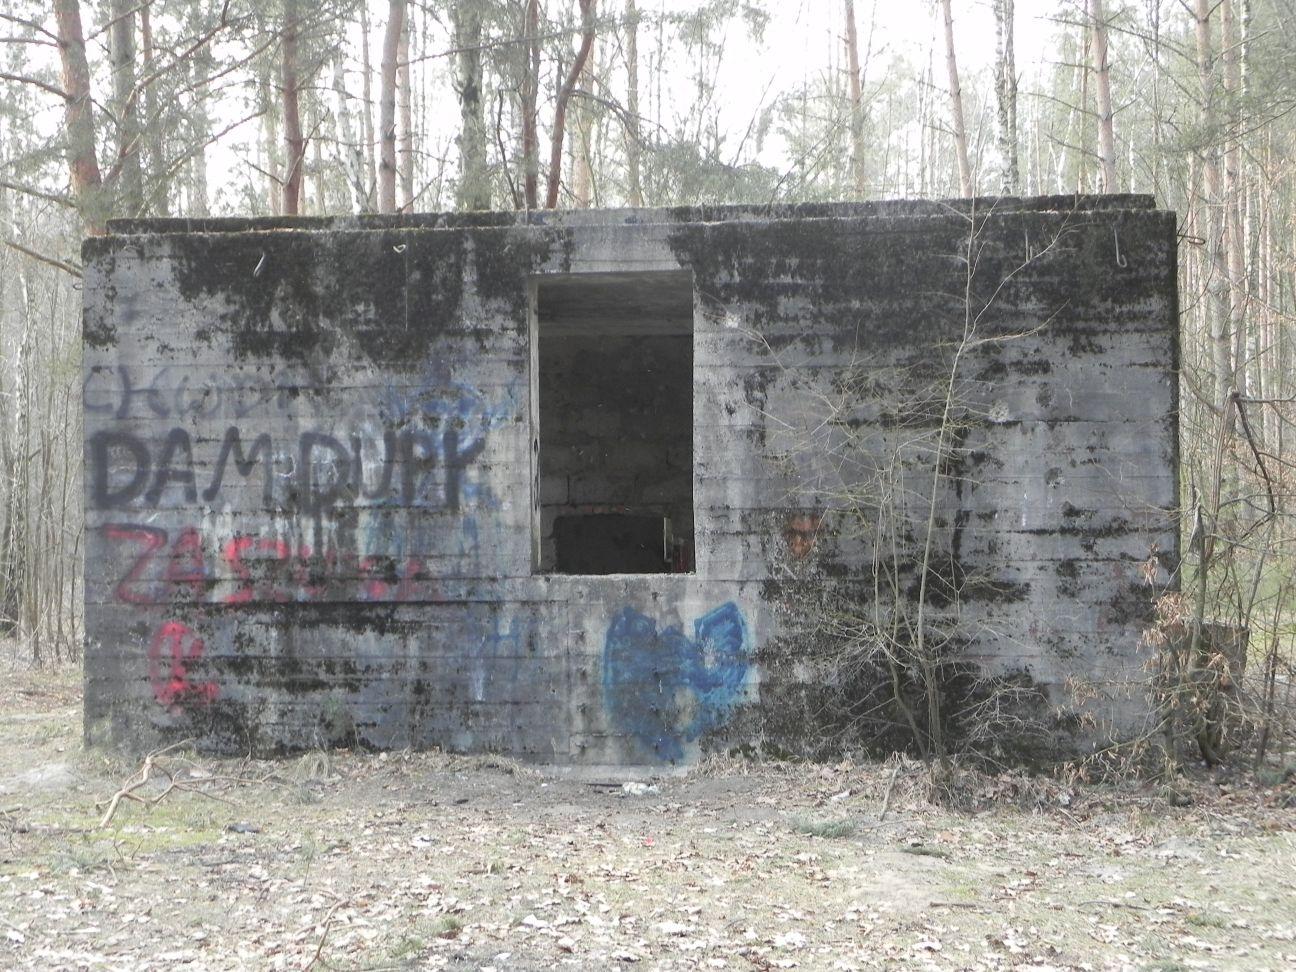 Jeleń - Bunkier Uzdatniania Wody (36)